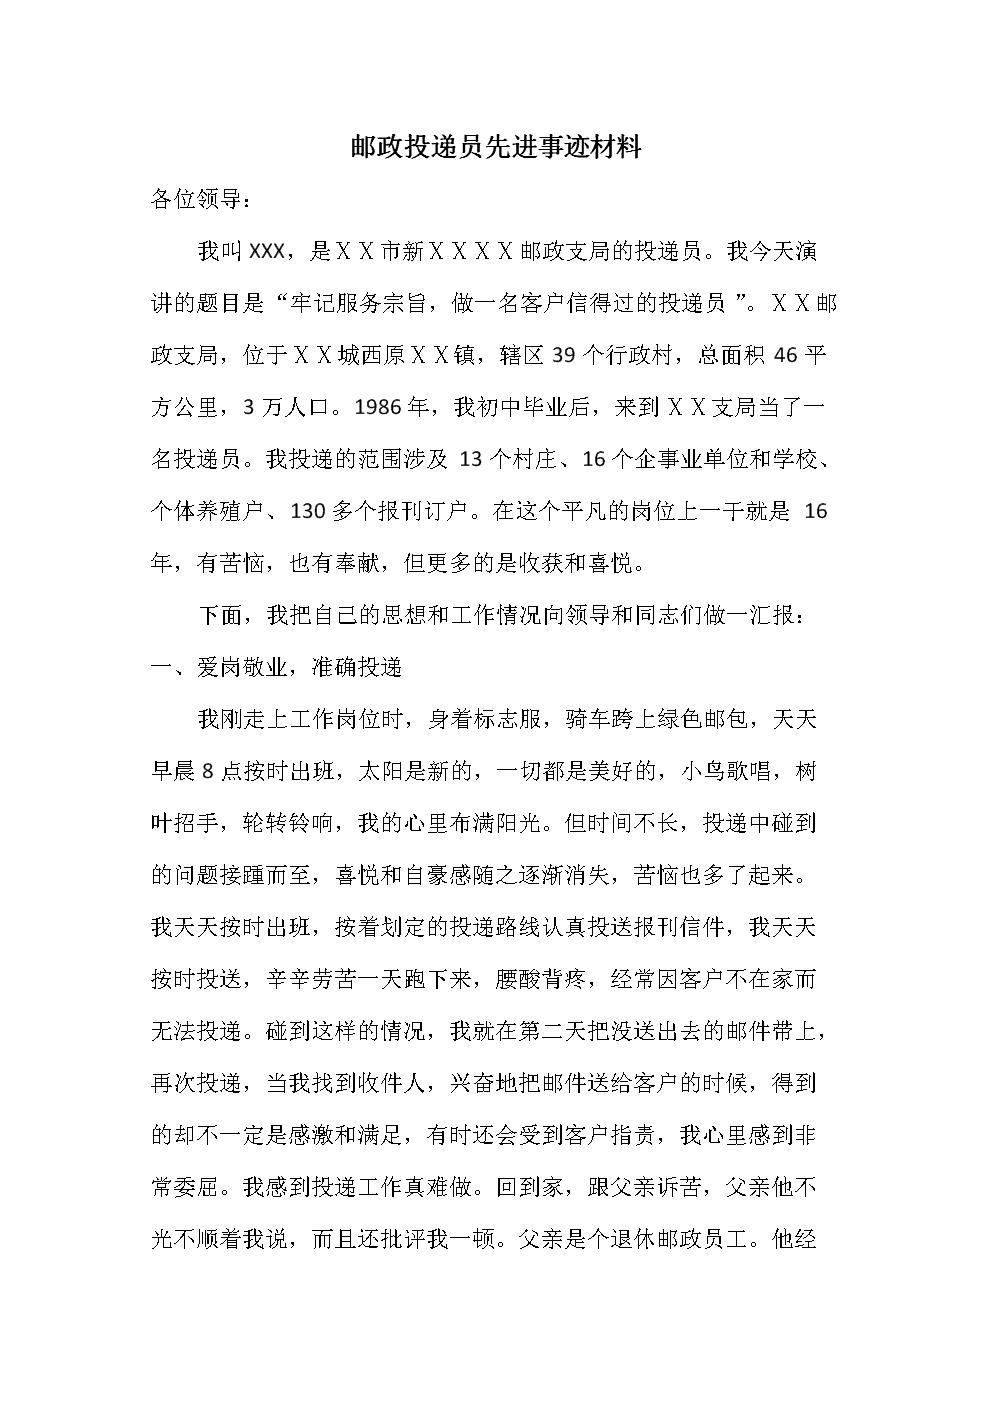 邮政投递员先进事迹材料..docx